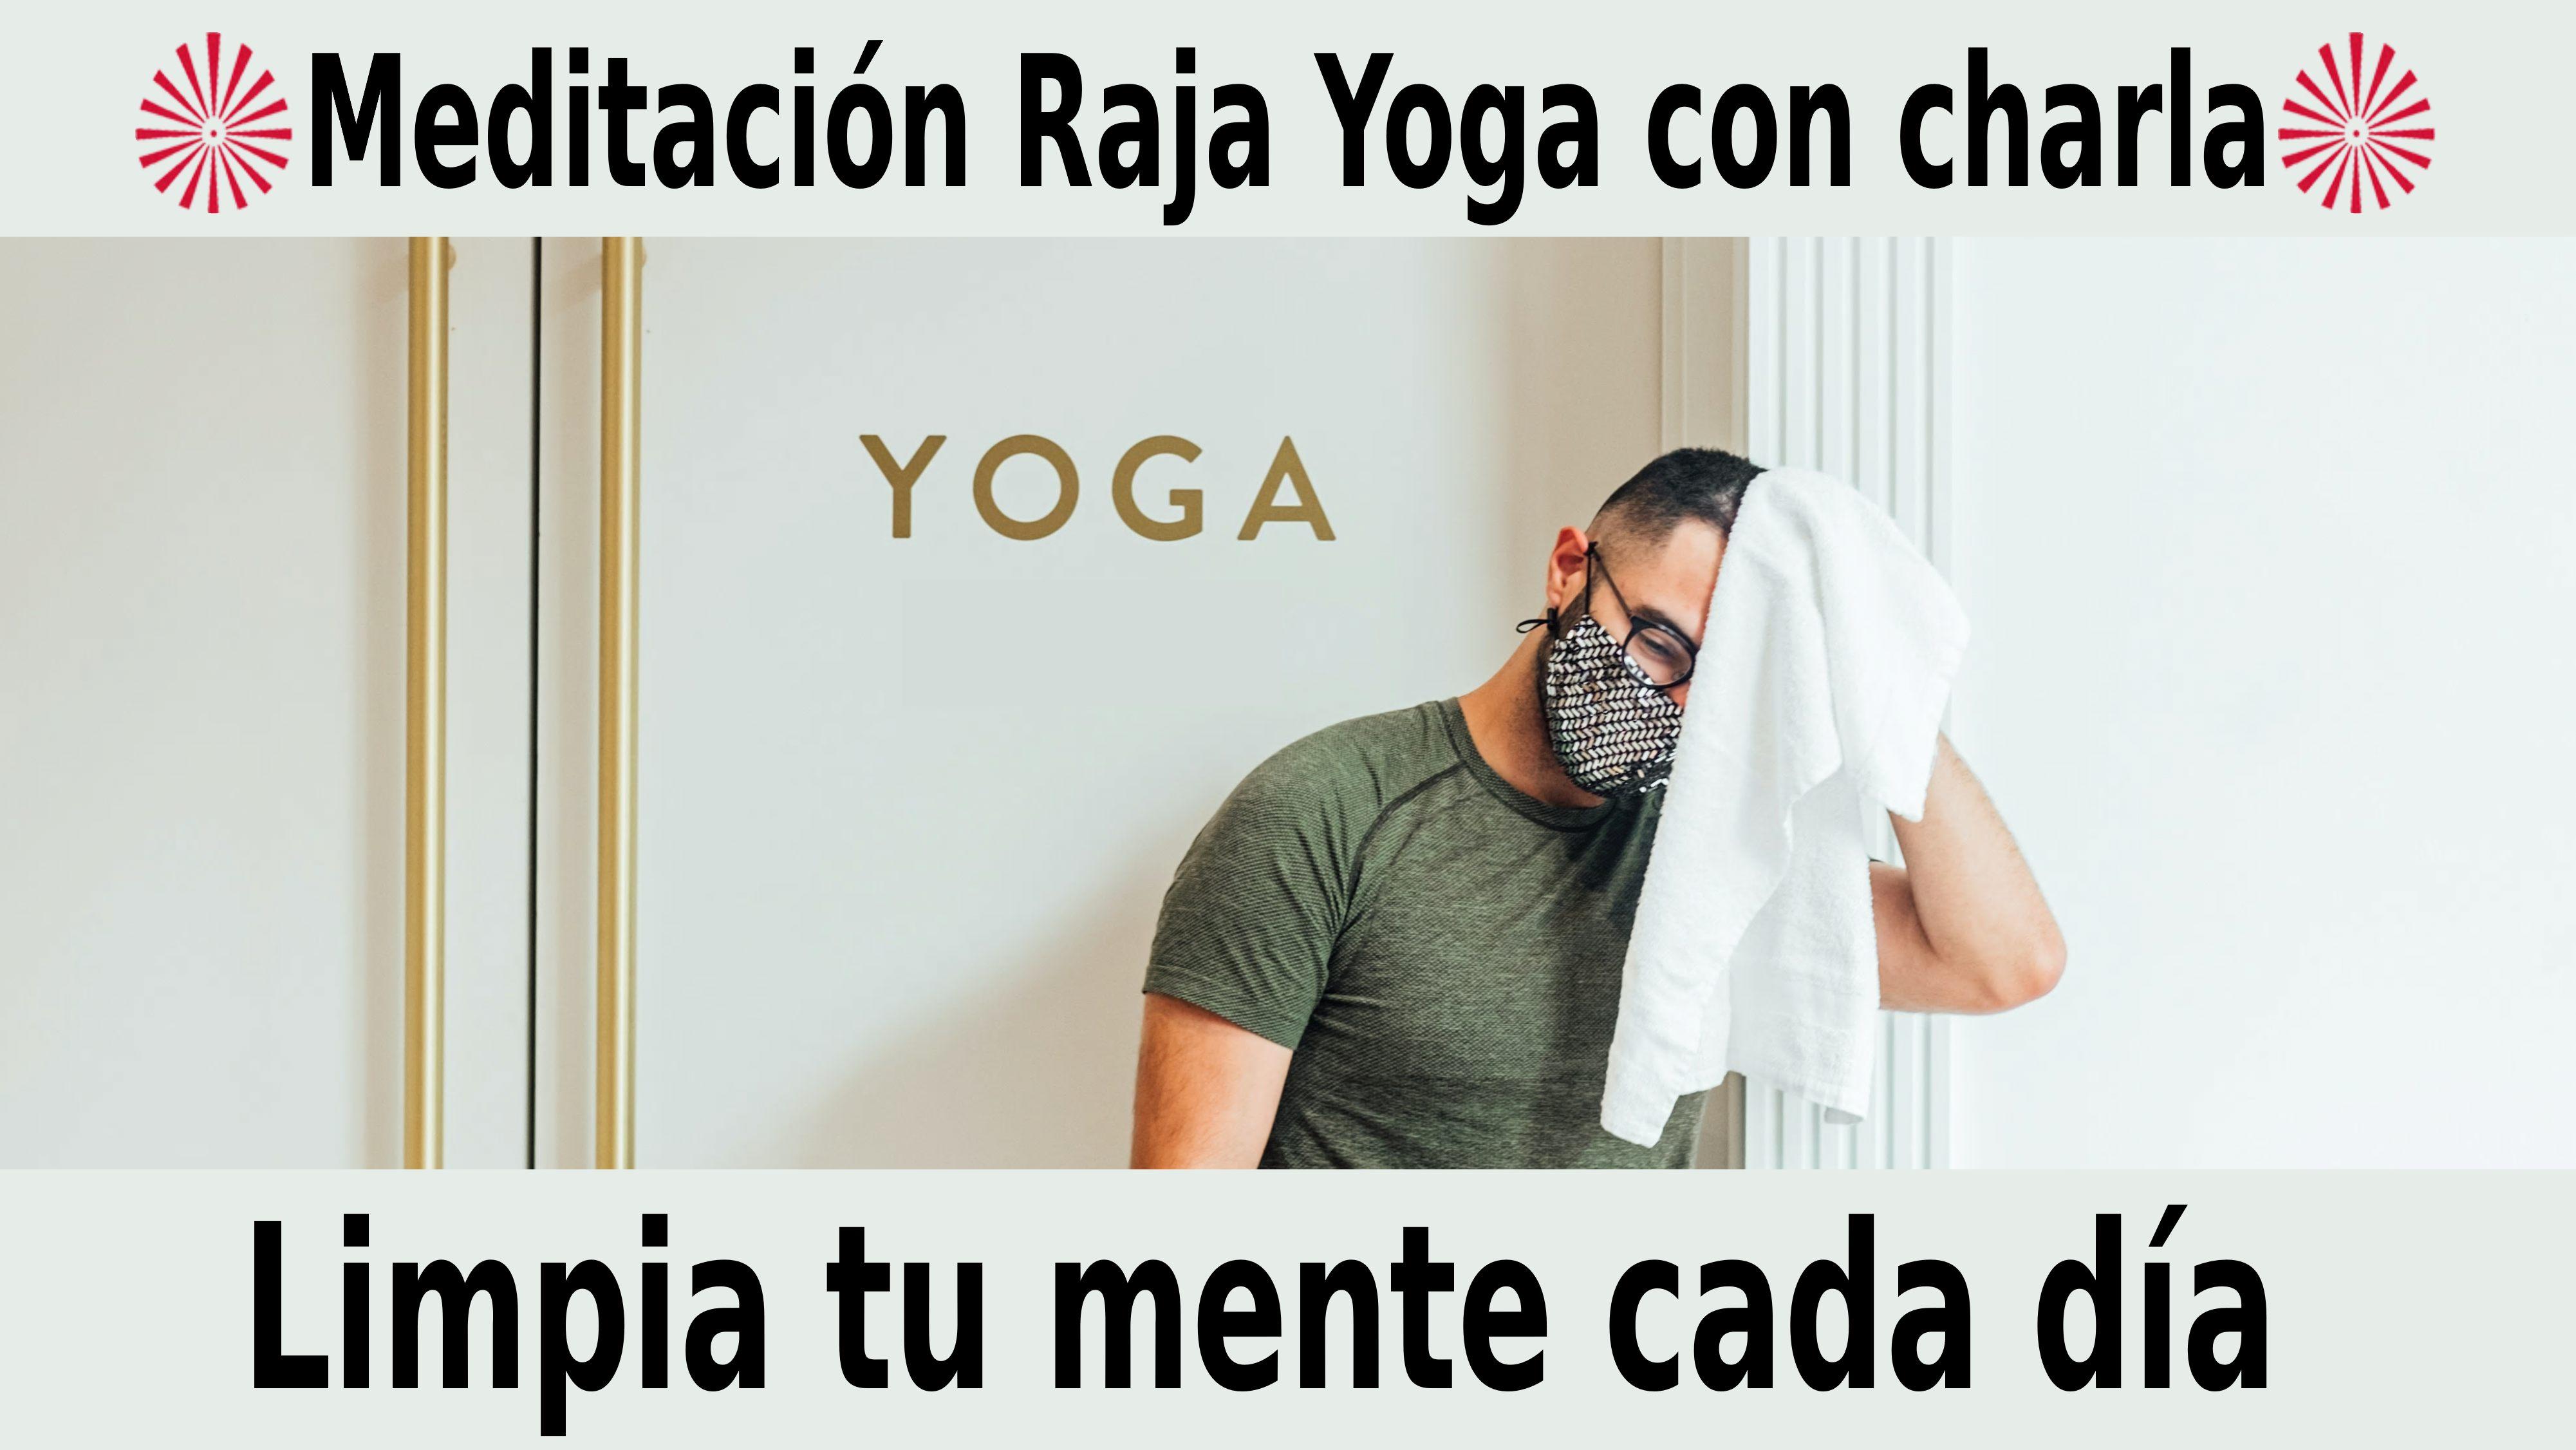 Meditación Raja Yoga con charla:  Limpia tu mente cada día (16 Noviembre 2020) On-line desde Madrid